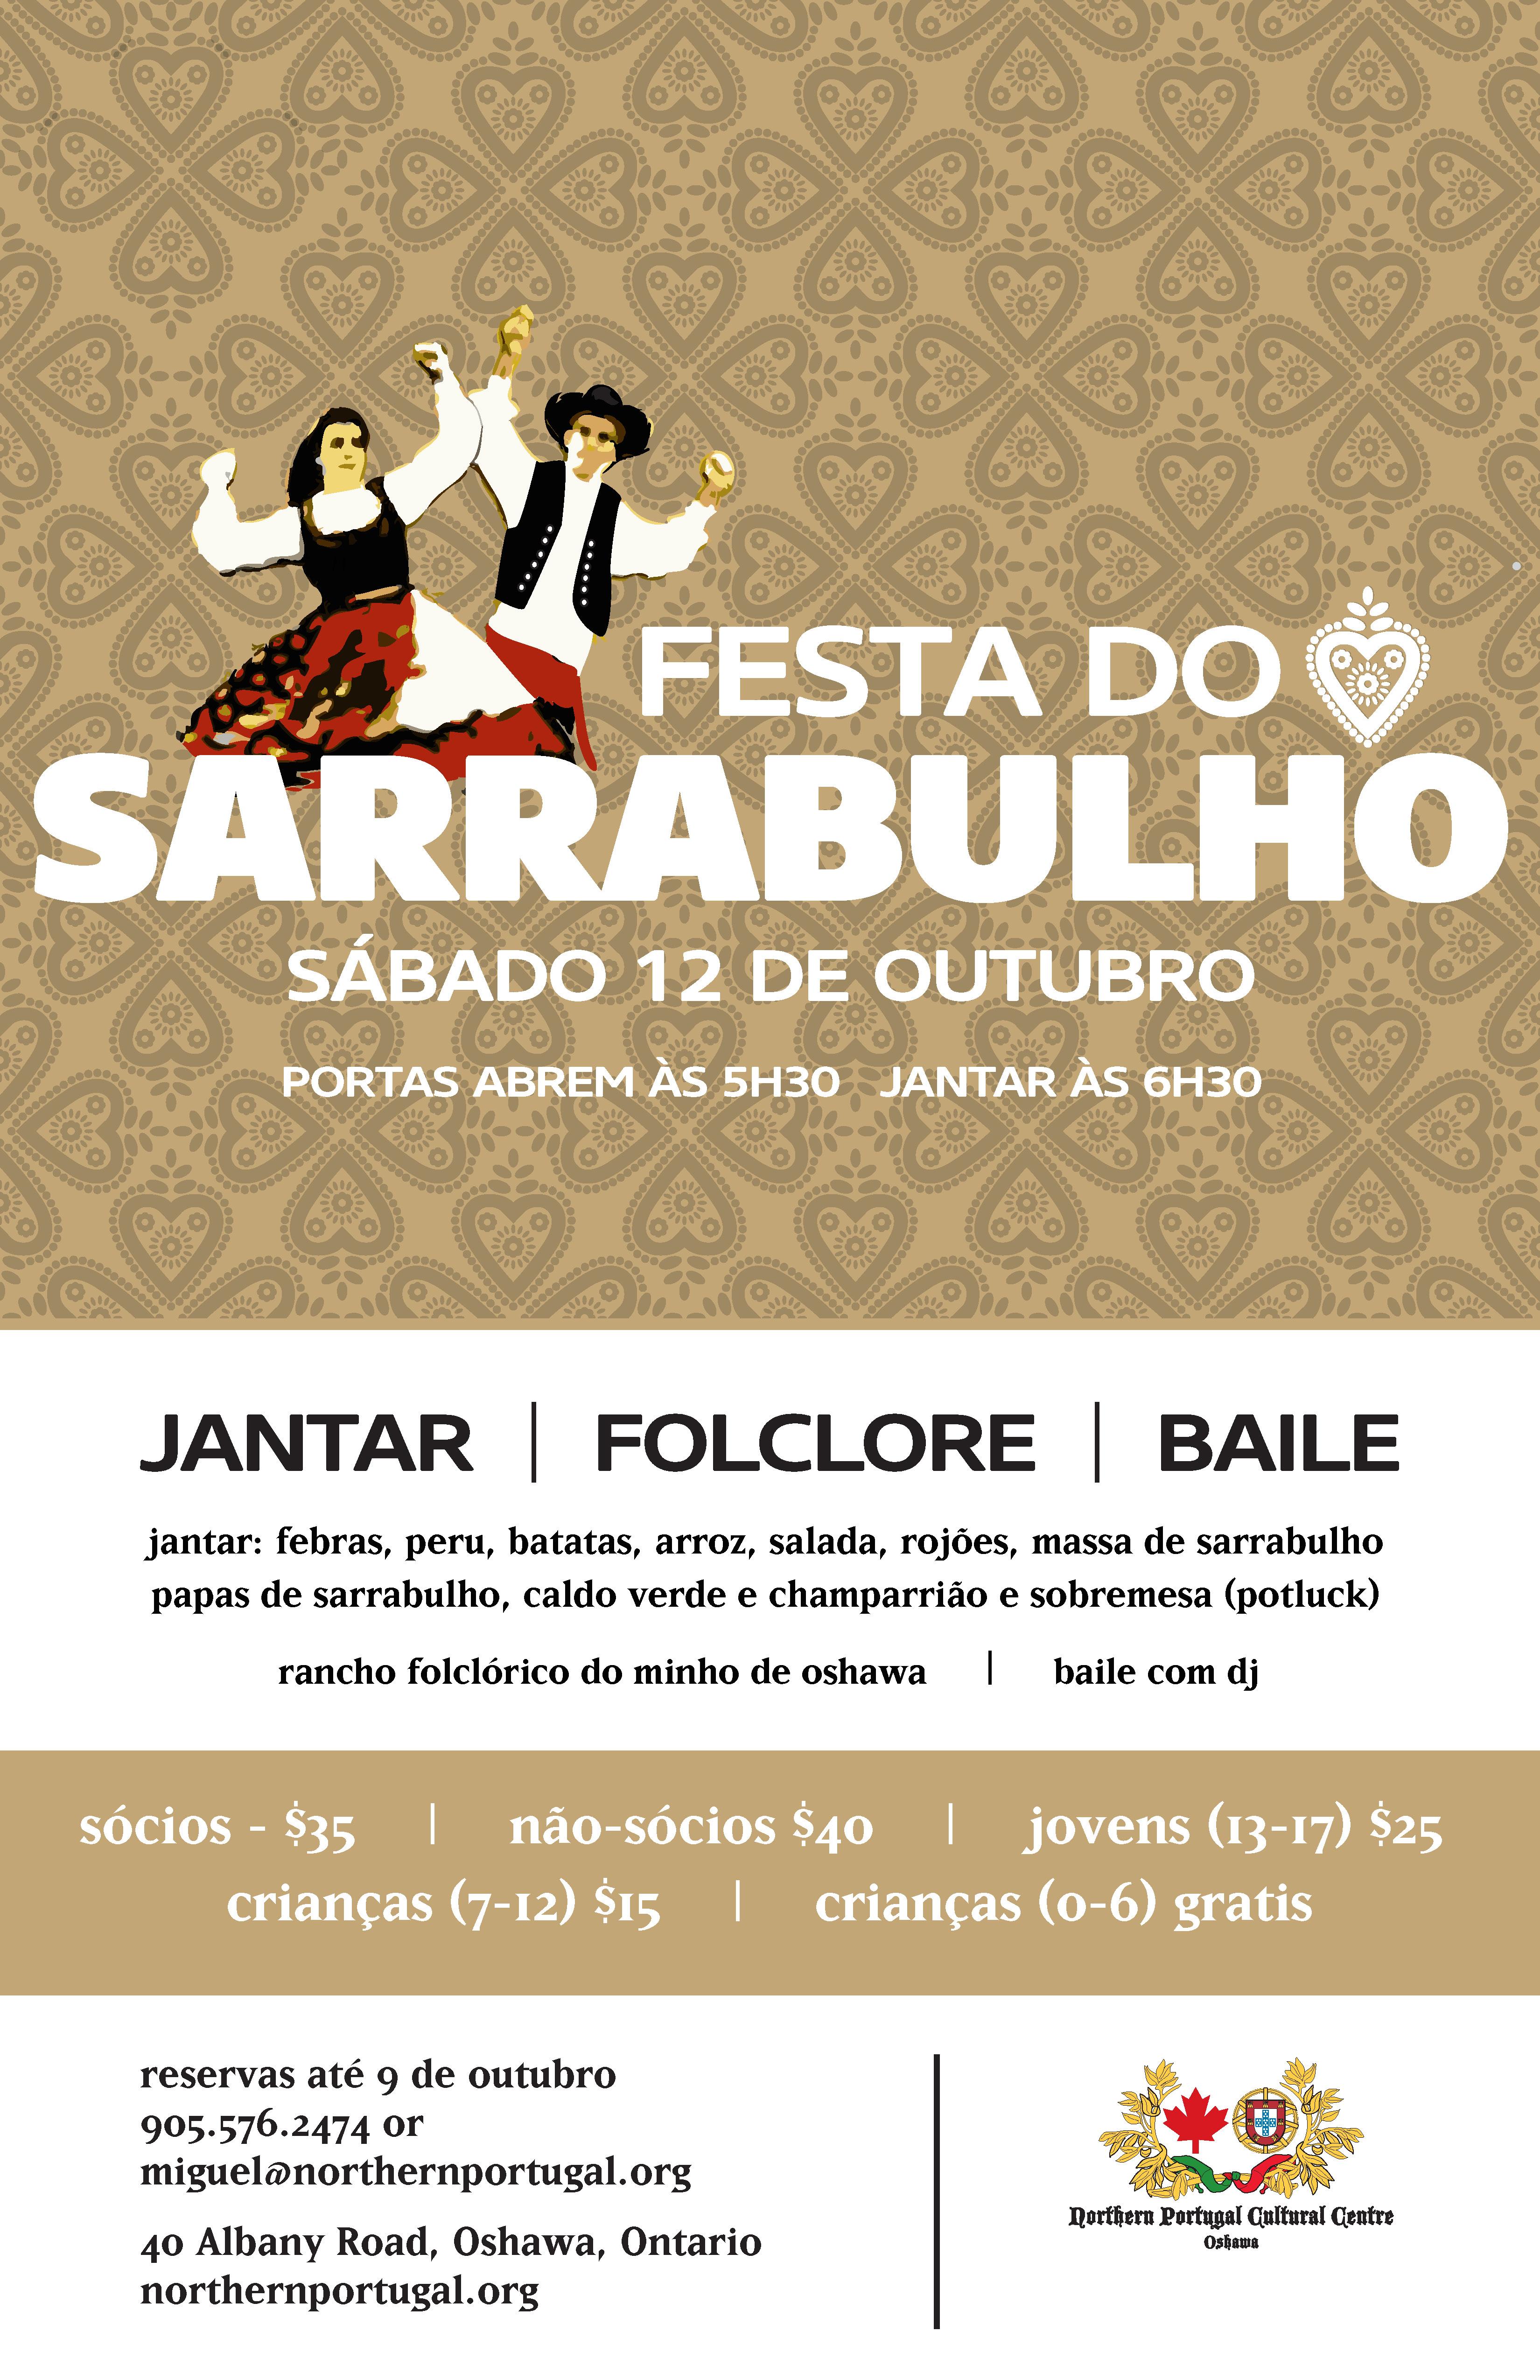 Festa do Sarrabulho